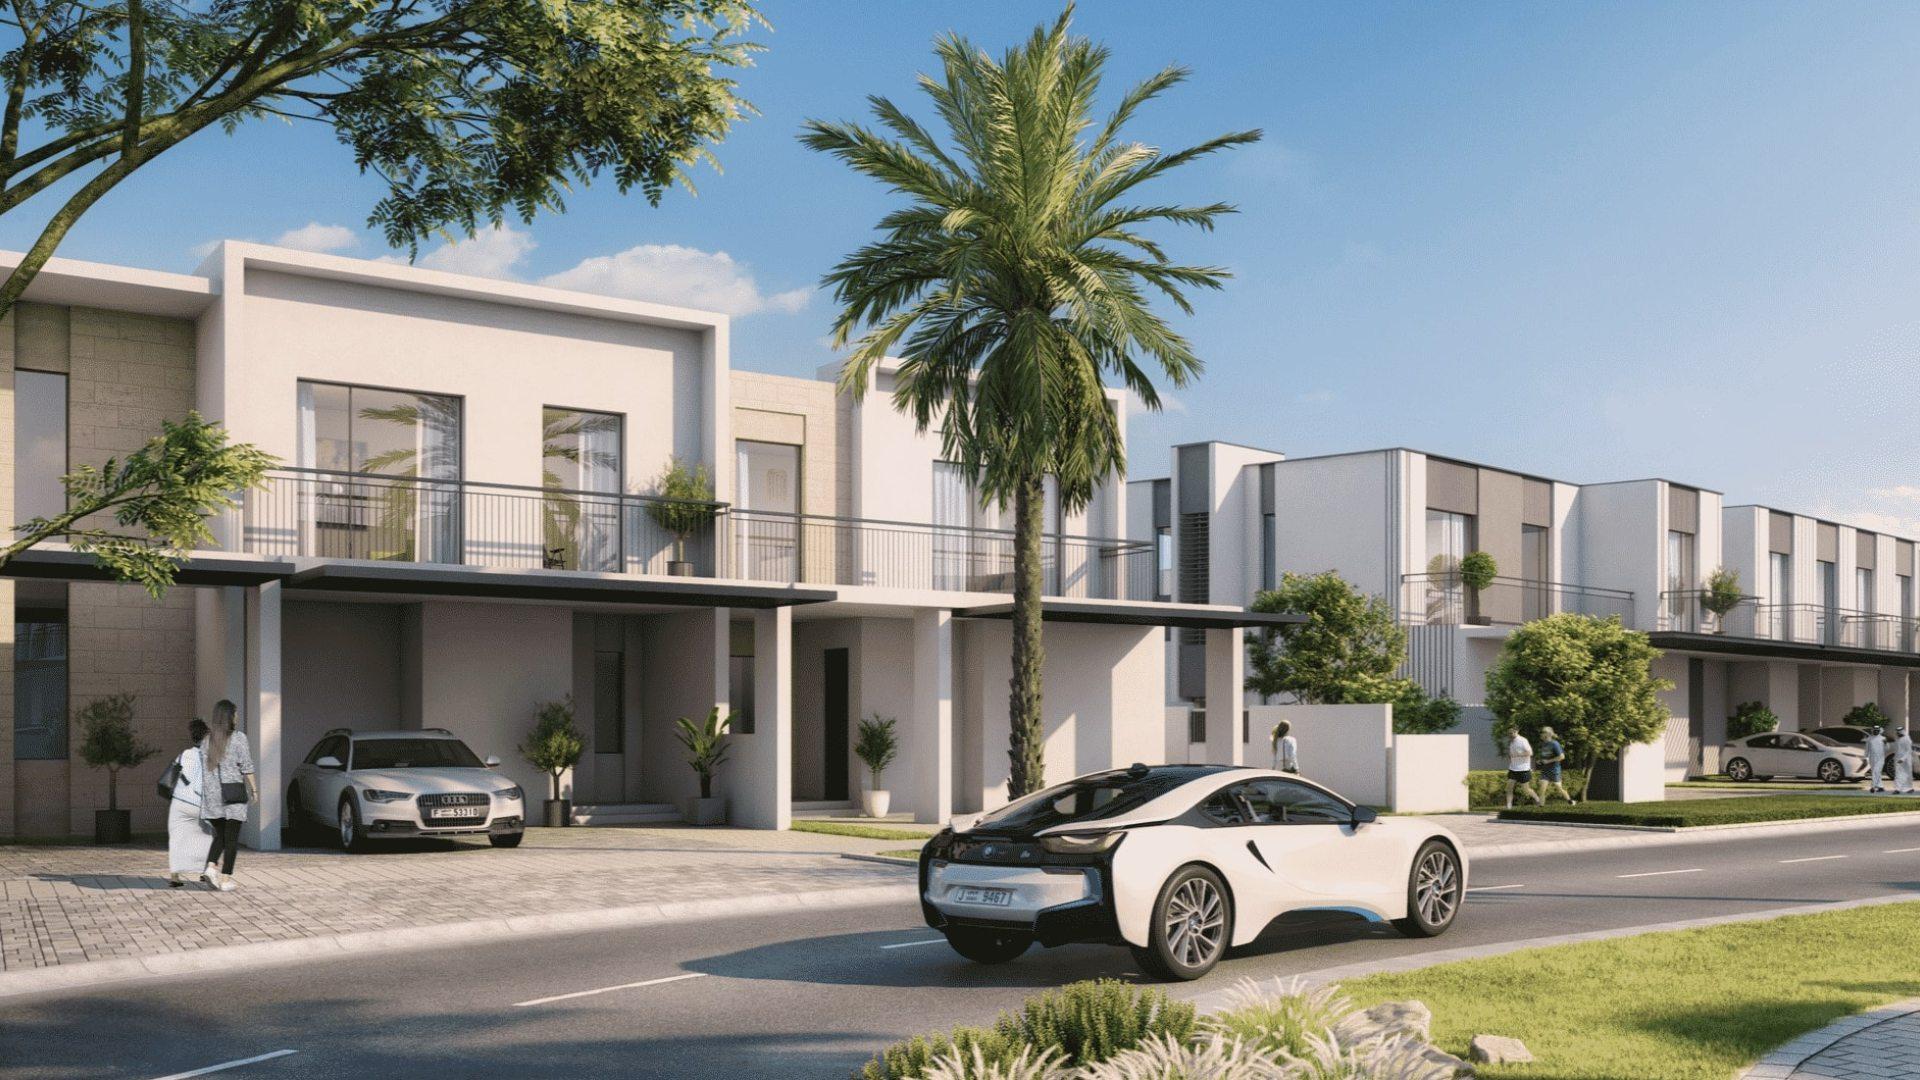 Villa en venta en Dubai, EAU, 4 dormitorios, 228 m2, № 24256 – foto 2